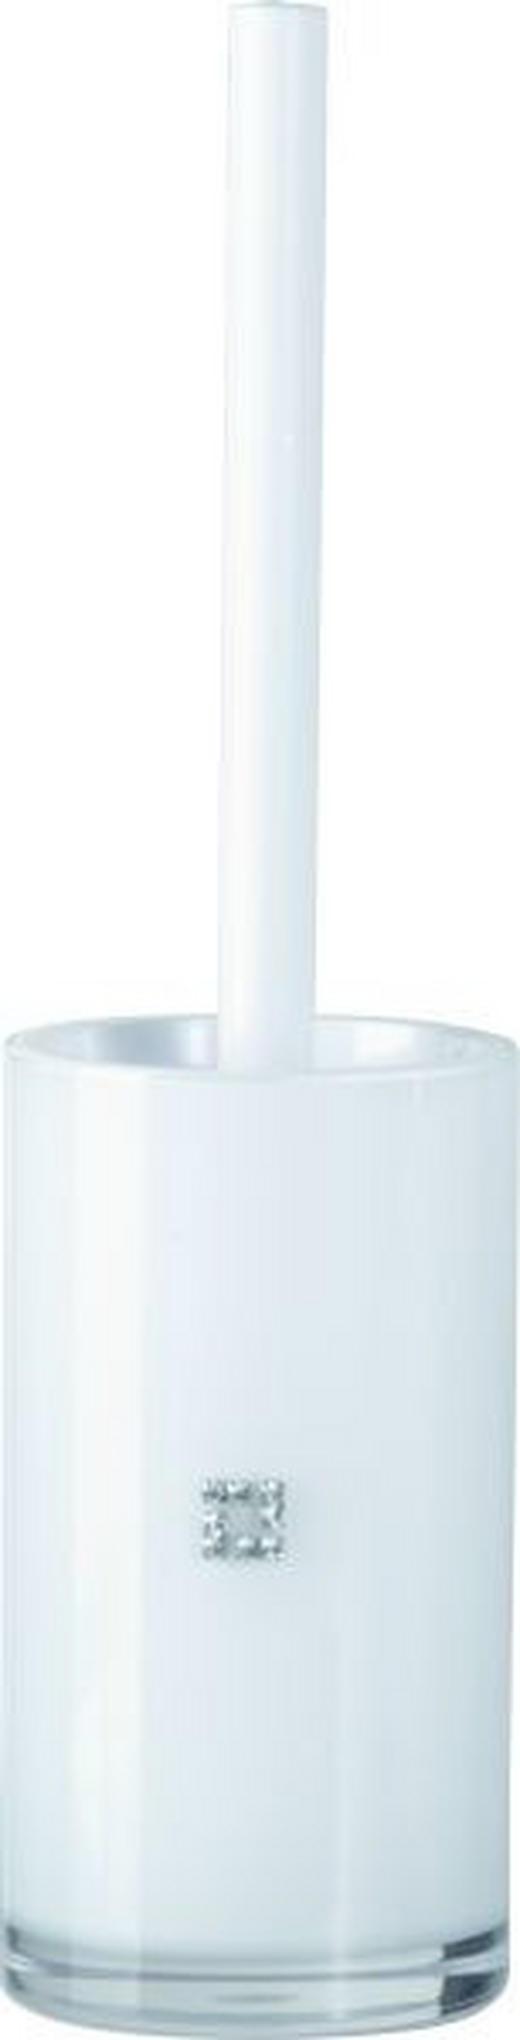 WC-BÜRSTENGARNITUR - Weiß, Design, Kunststoff (9/35cm)